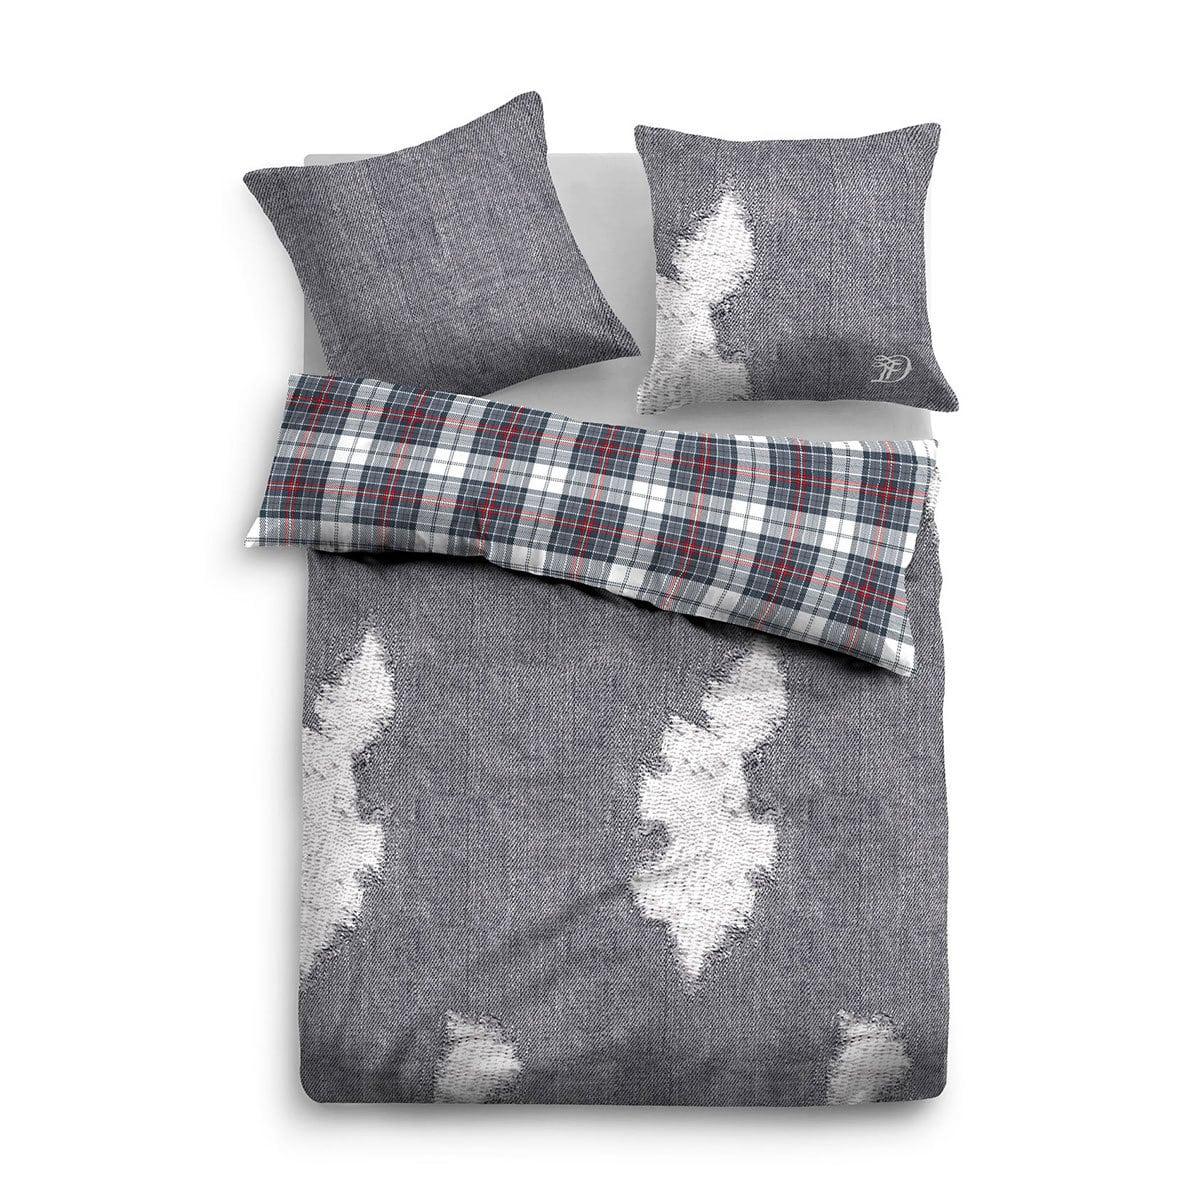 tom tailor wendebettw sche 49601 831 g nstig online kaufen. Black Bedroom Furniture Sets. Home Design Ideas